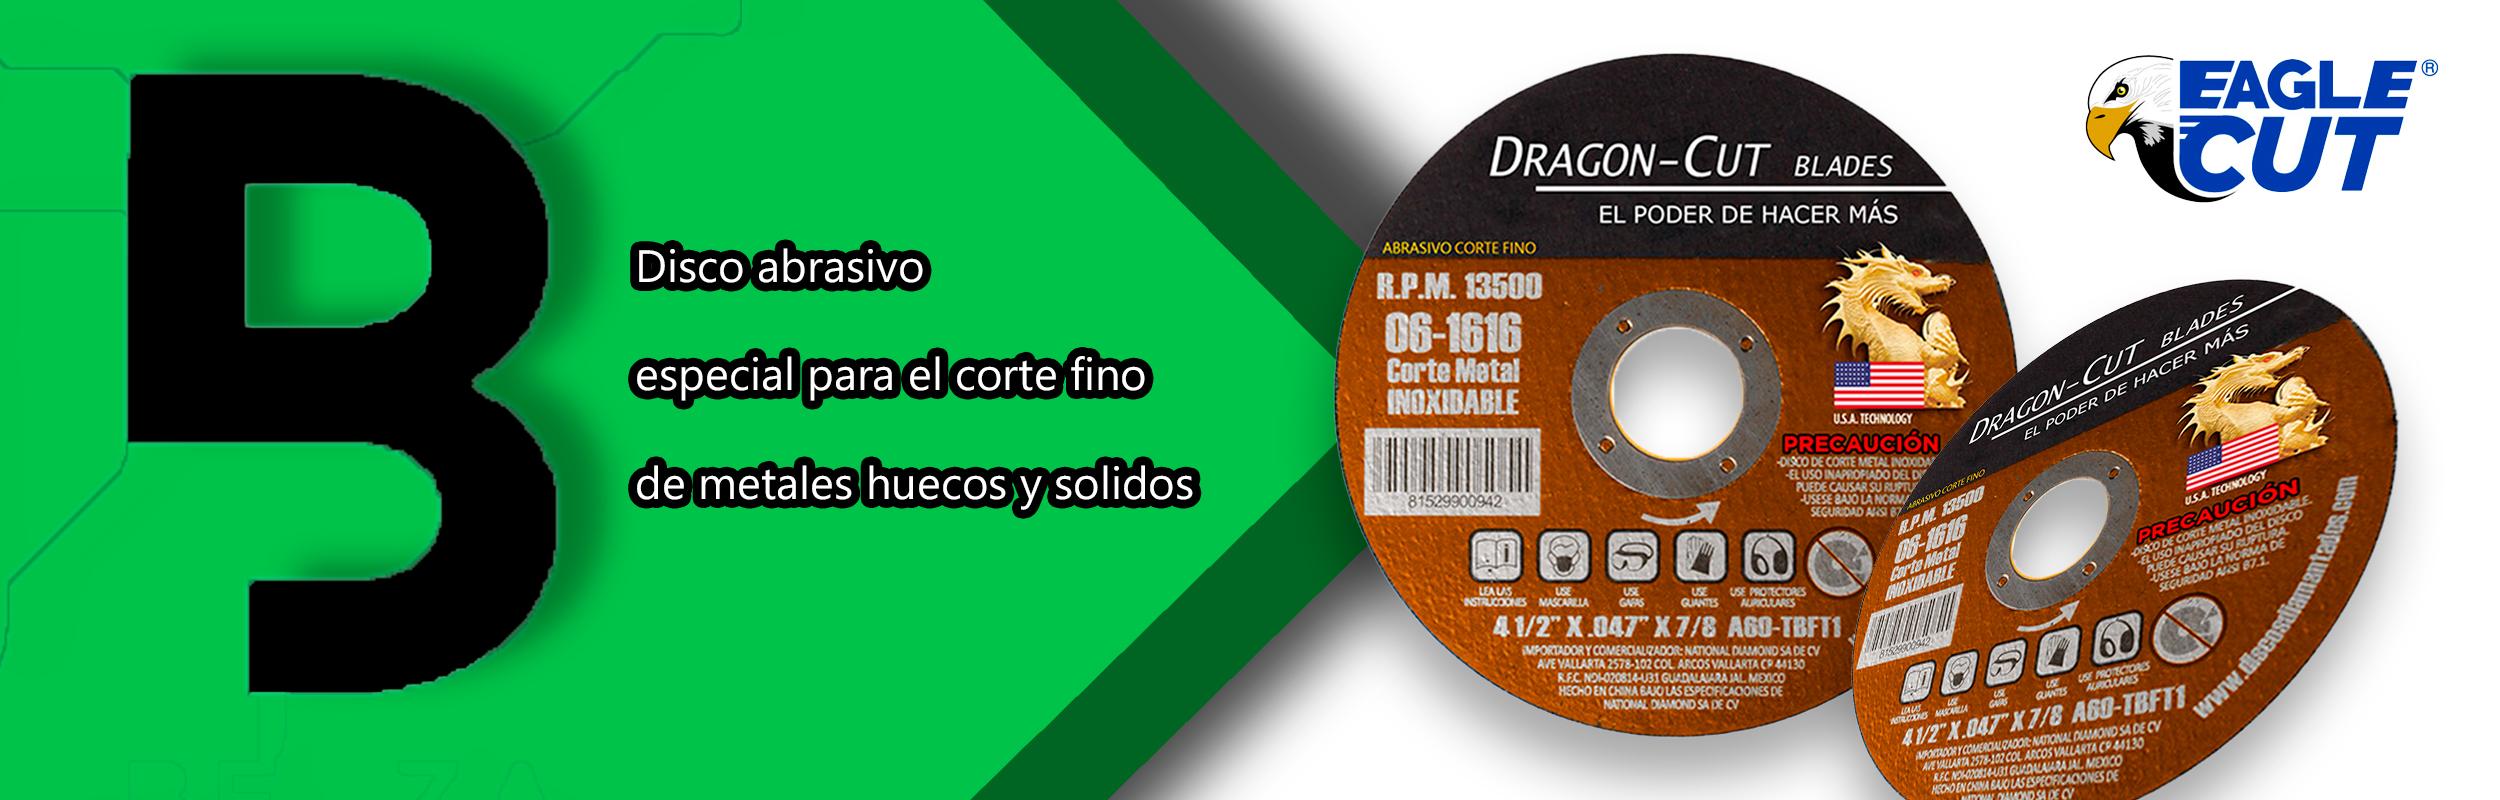 dragoncut